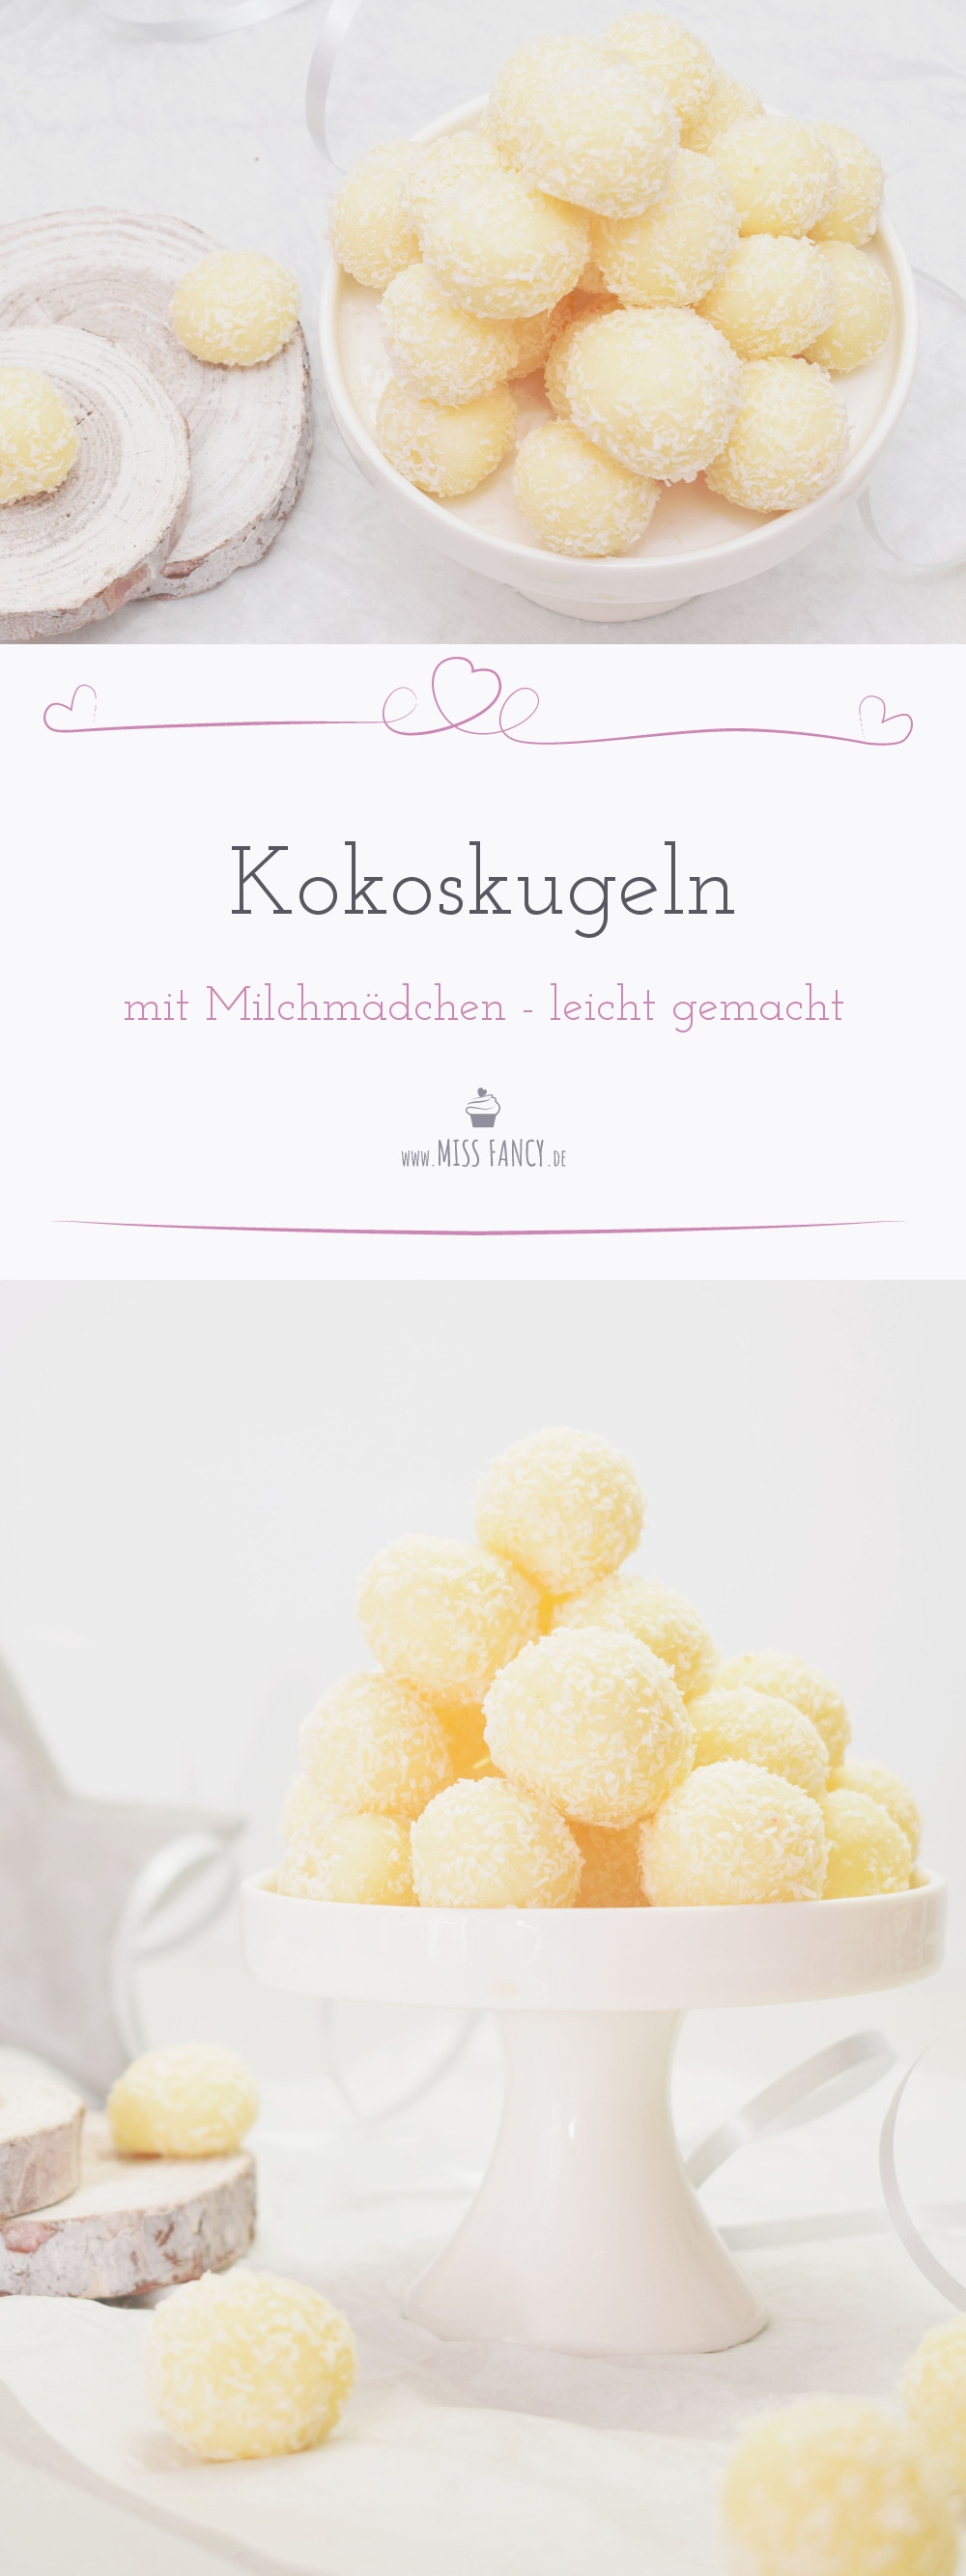 https://missfancy.de/rezept-kokoskugeln-leicht-gemacht